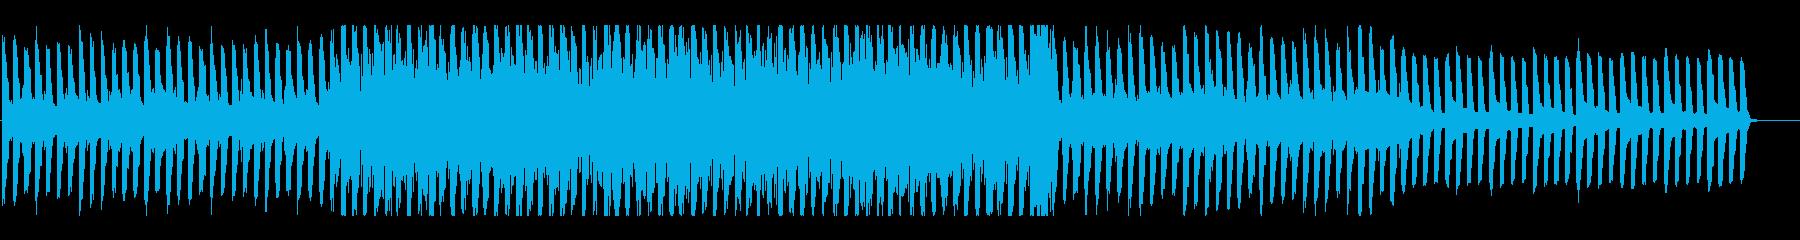 アコギがメインのシンプルなBGMの再生済みの波形